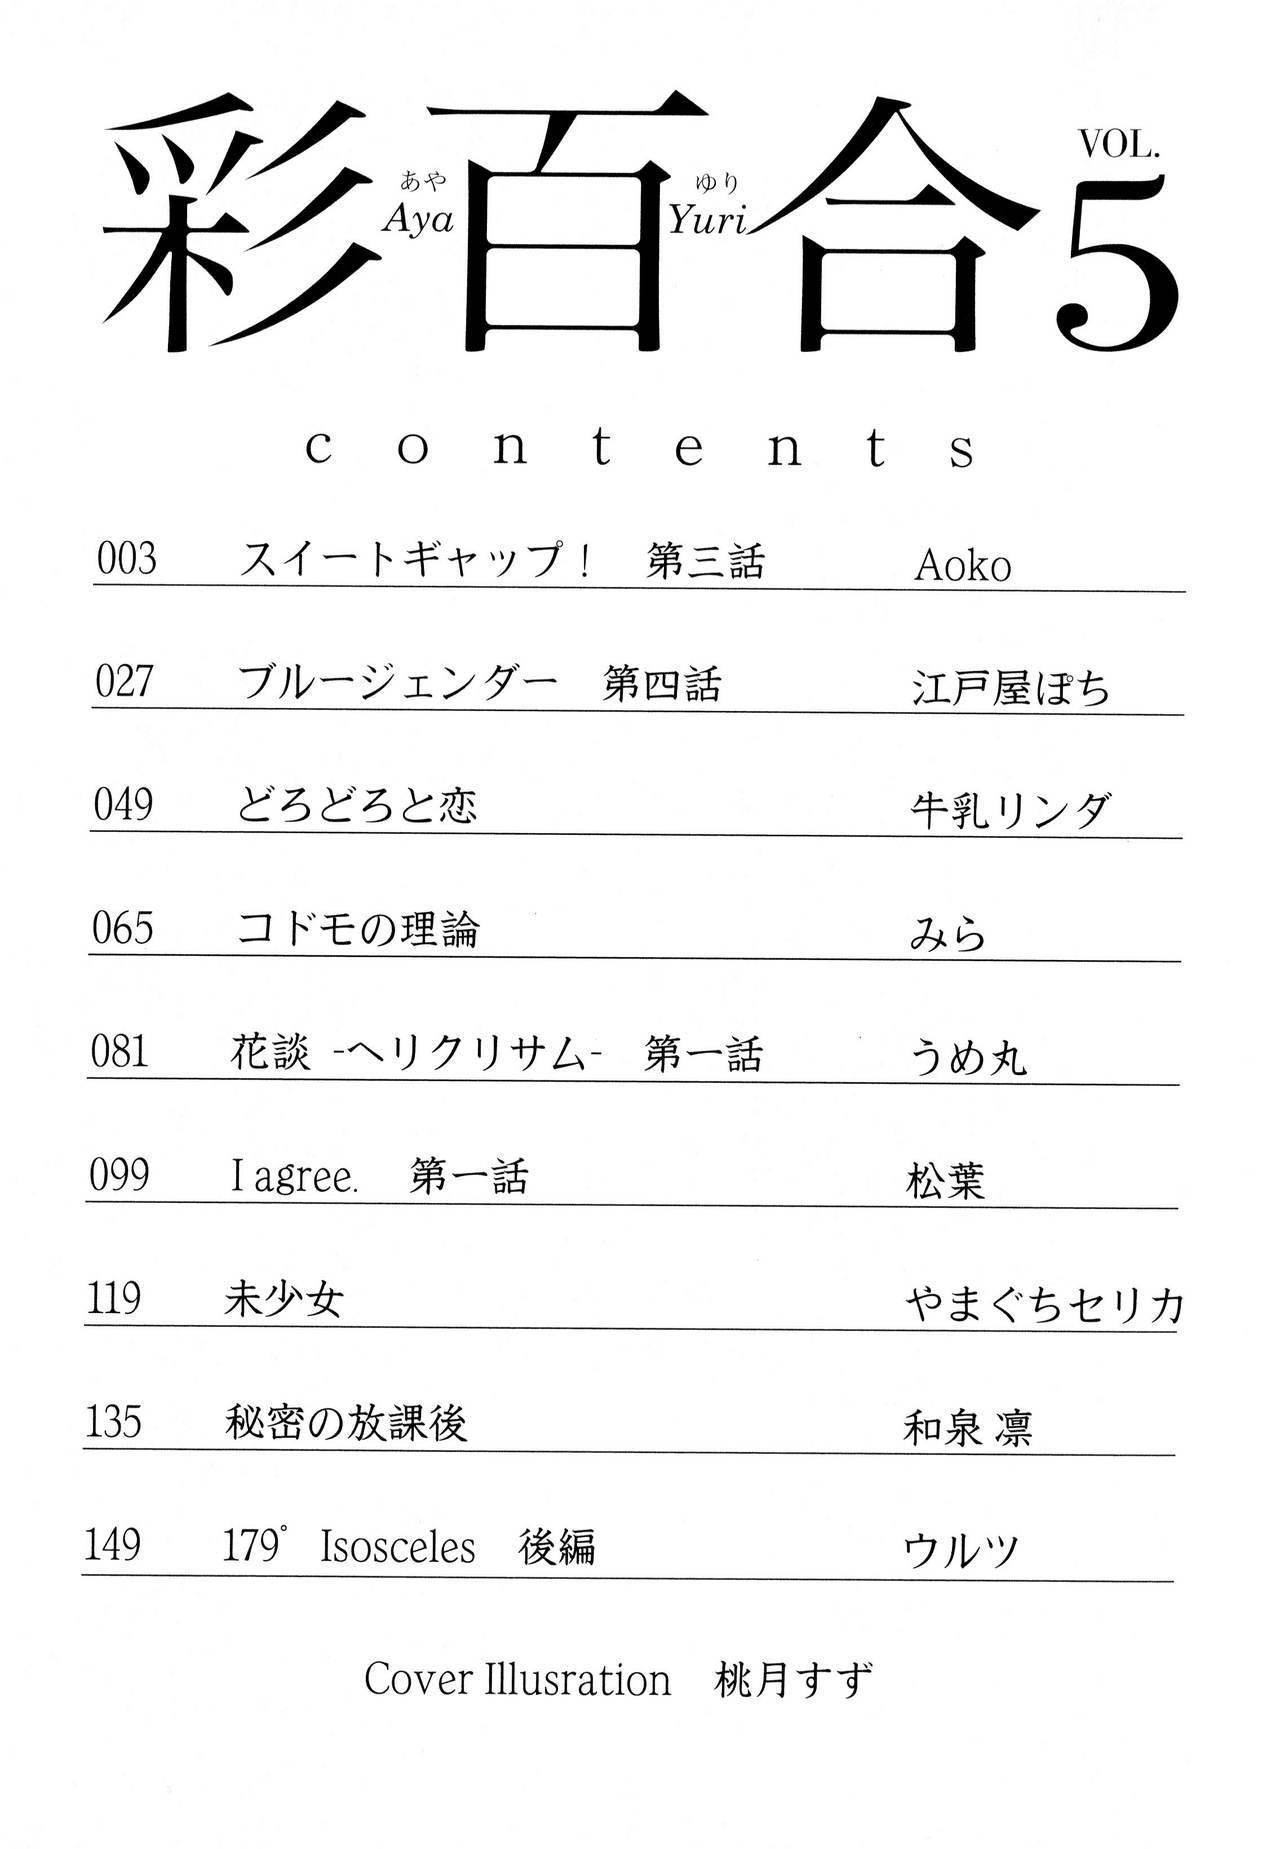 Aya Yuri Vol. 5 2